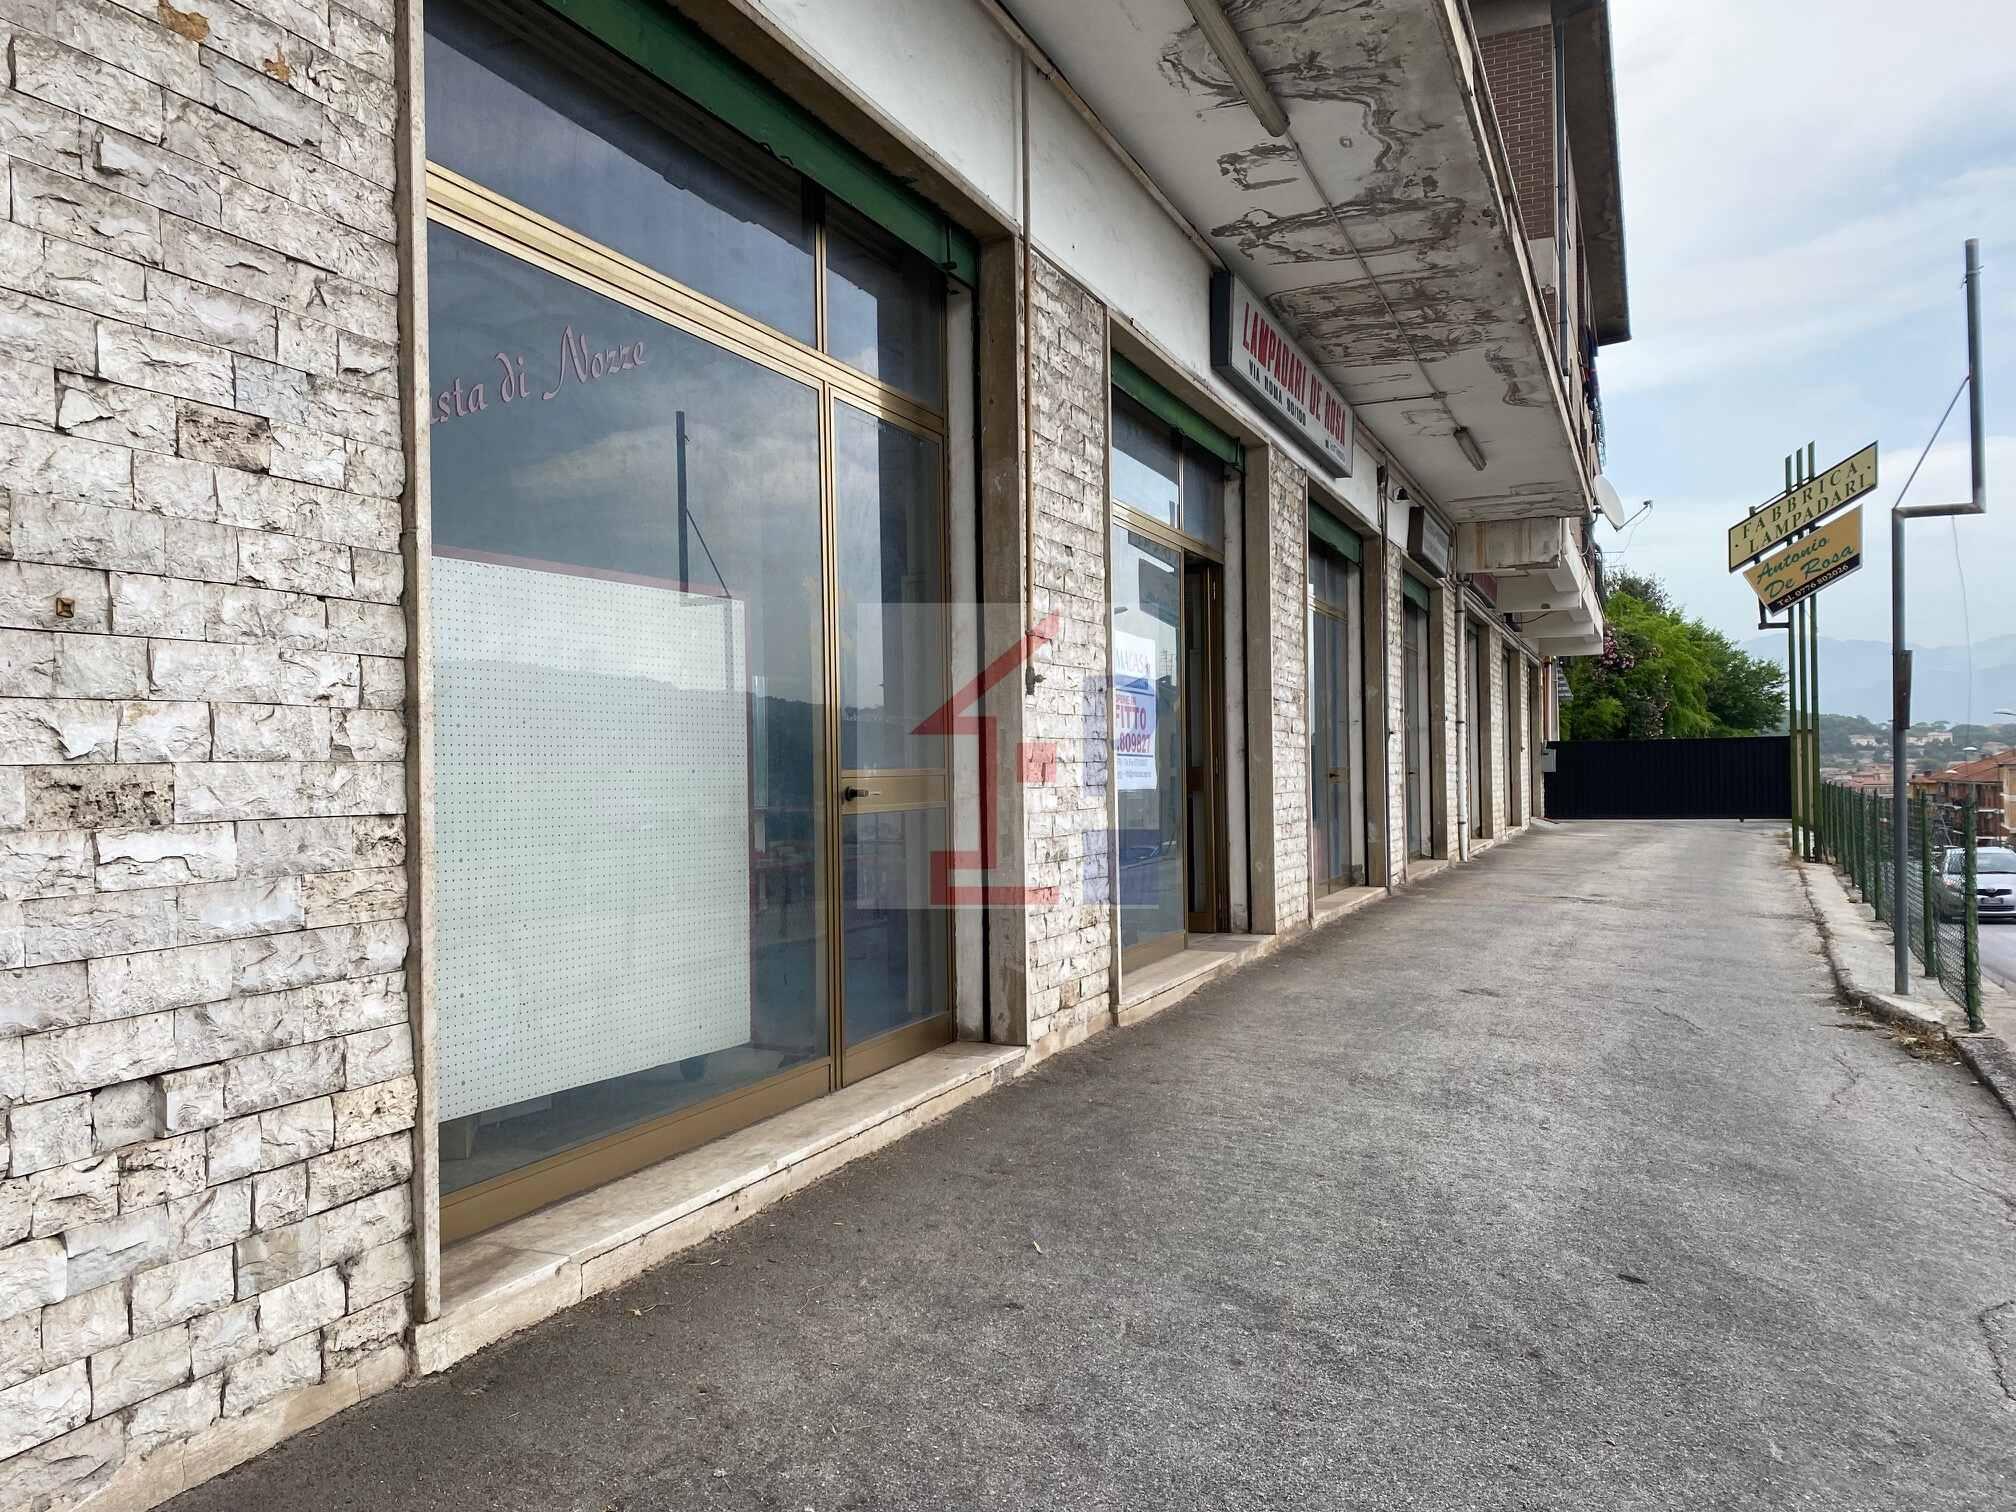 Locale commerciale in affitto a Castelliri